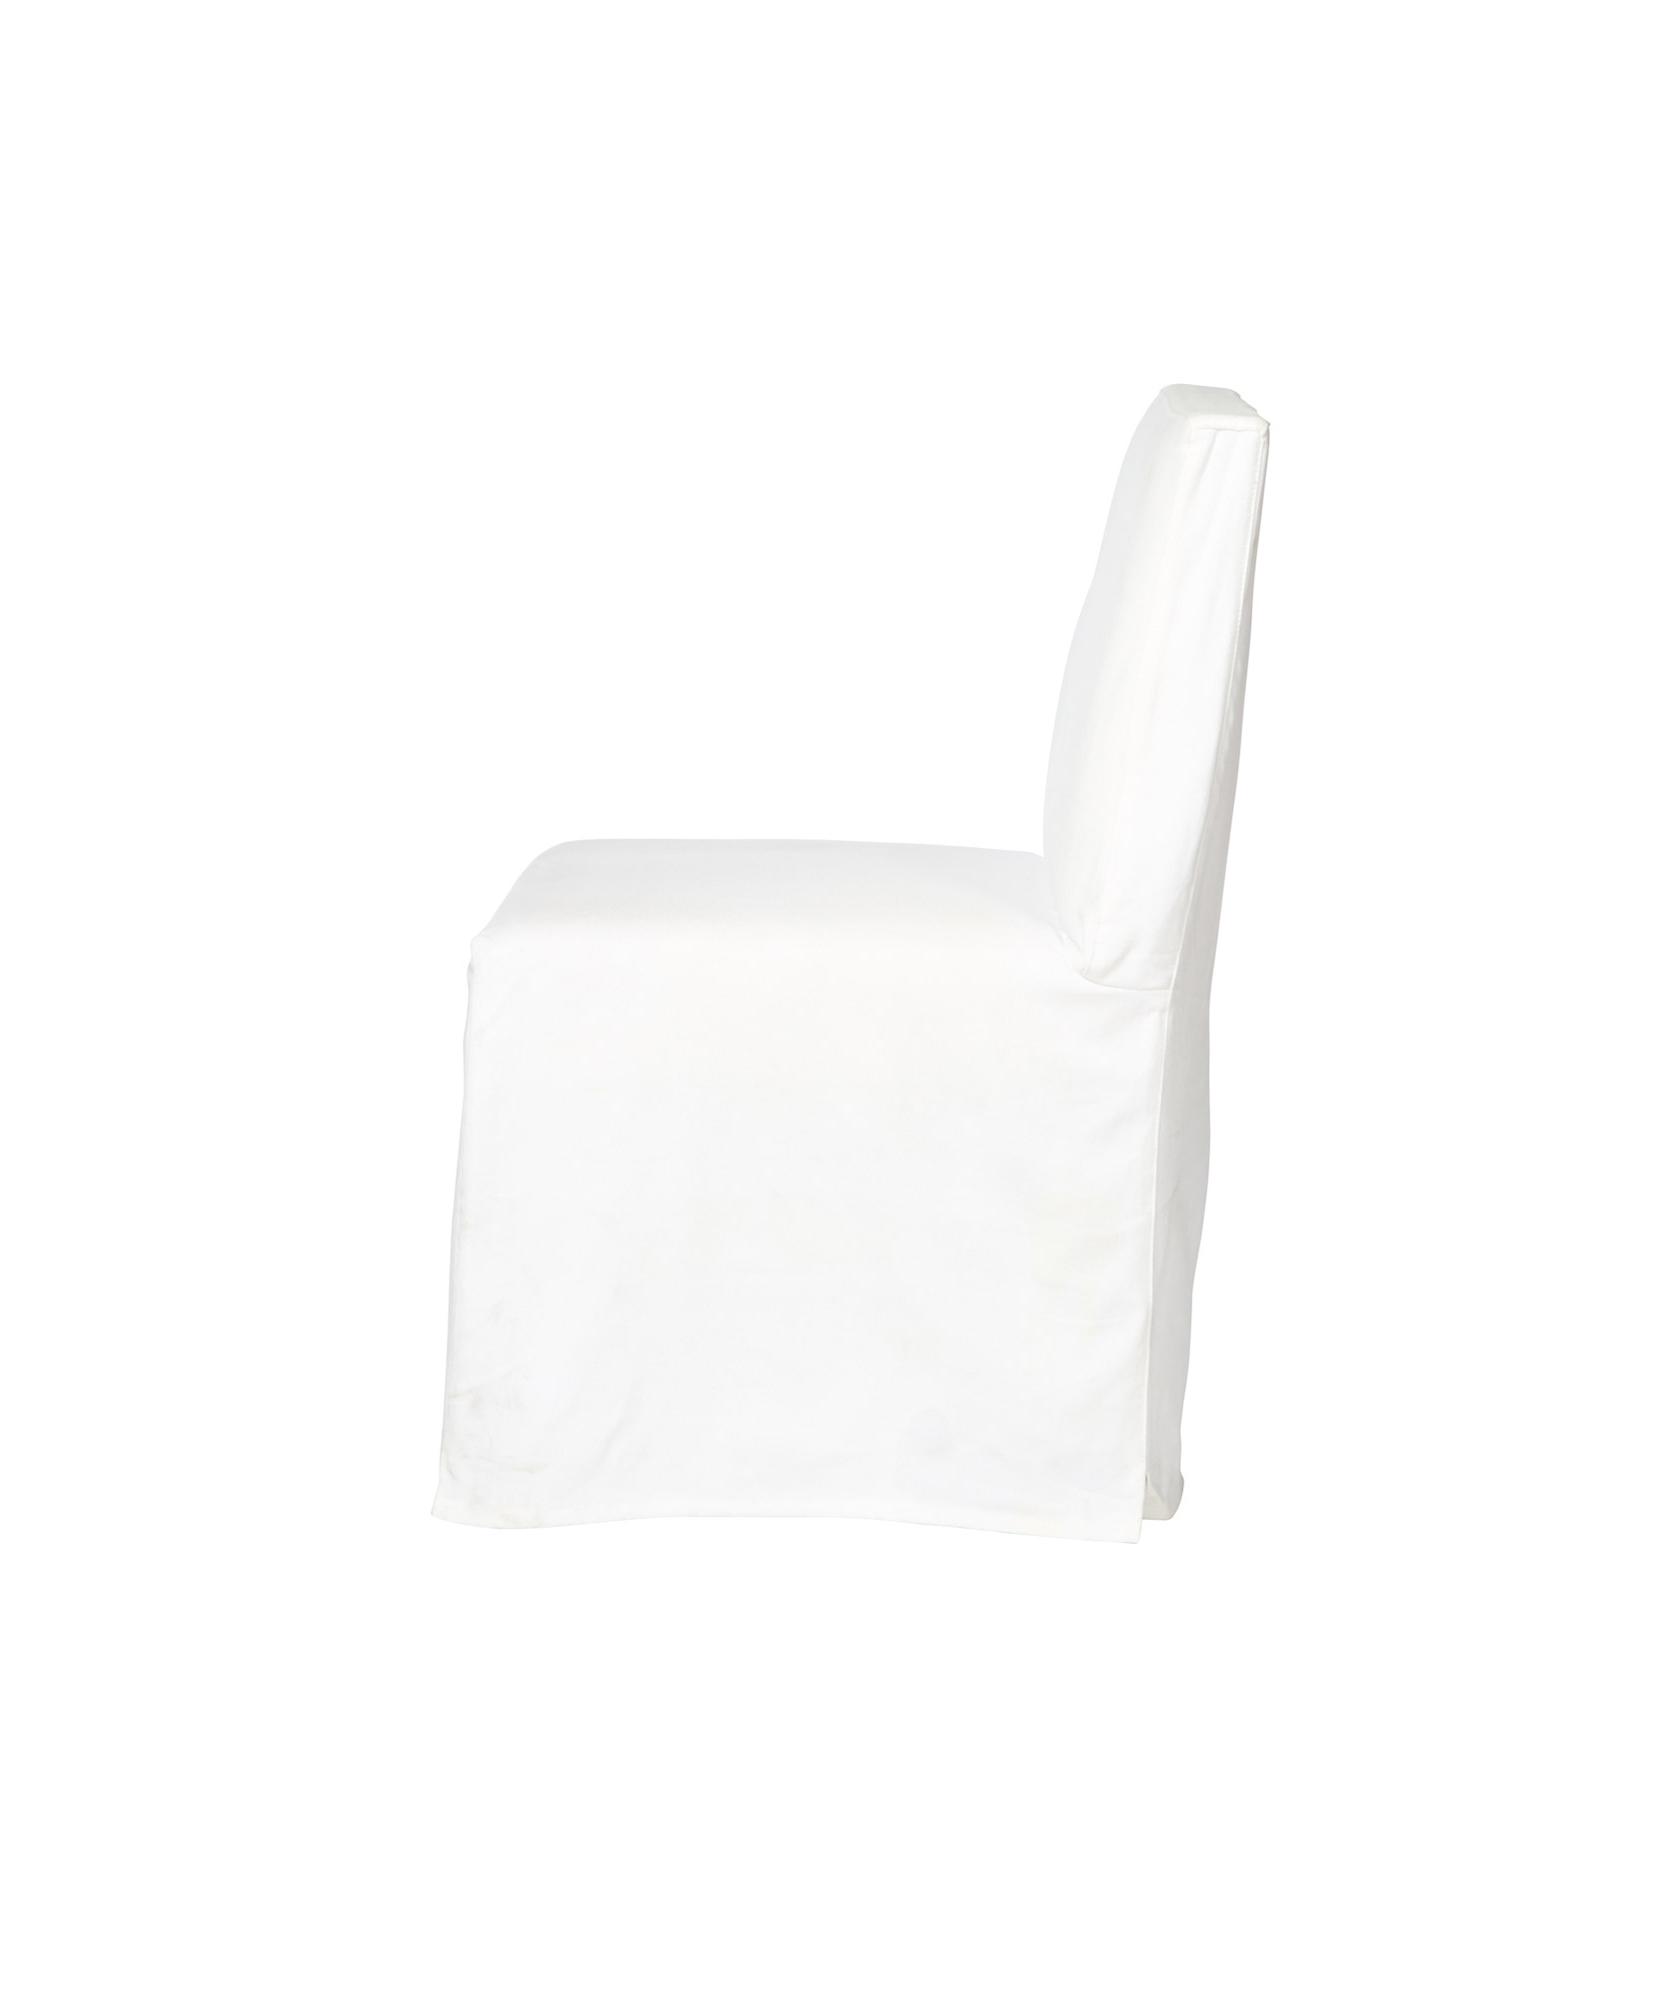 Bertoli Slipcovered Dining Chair